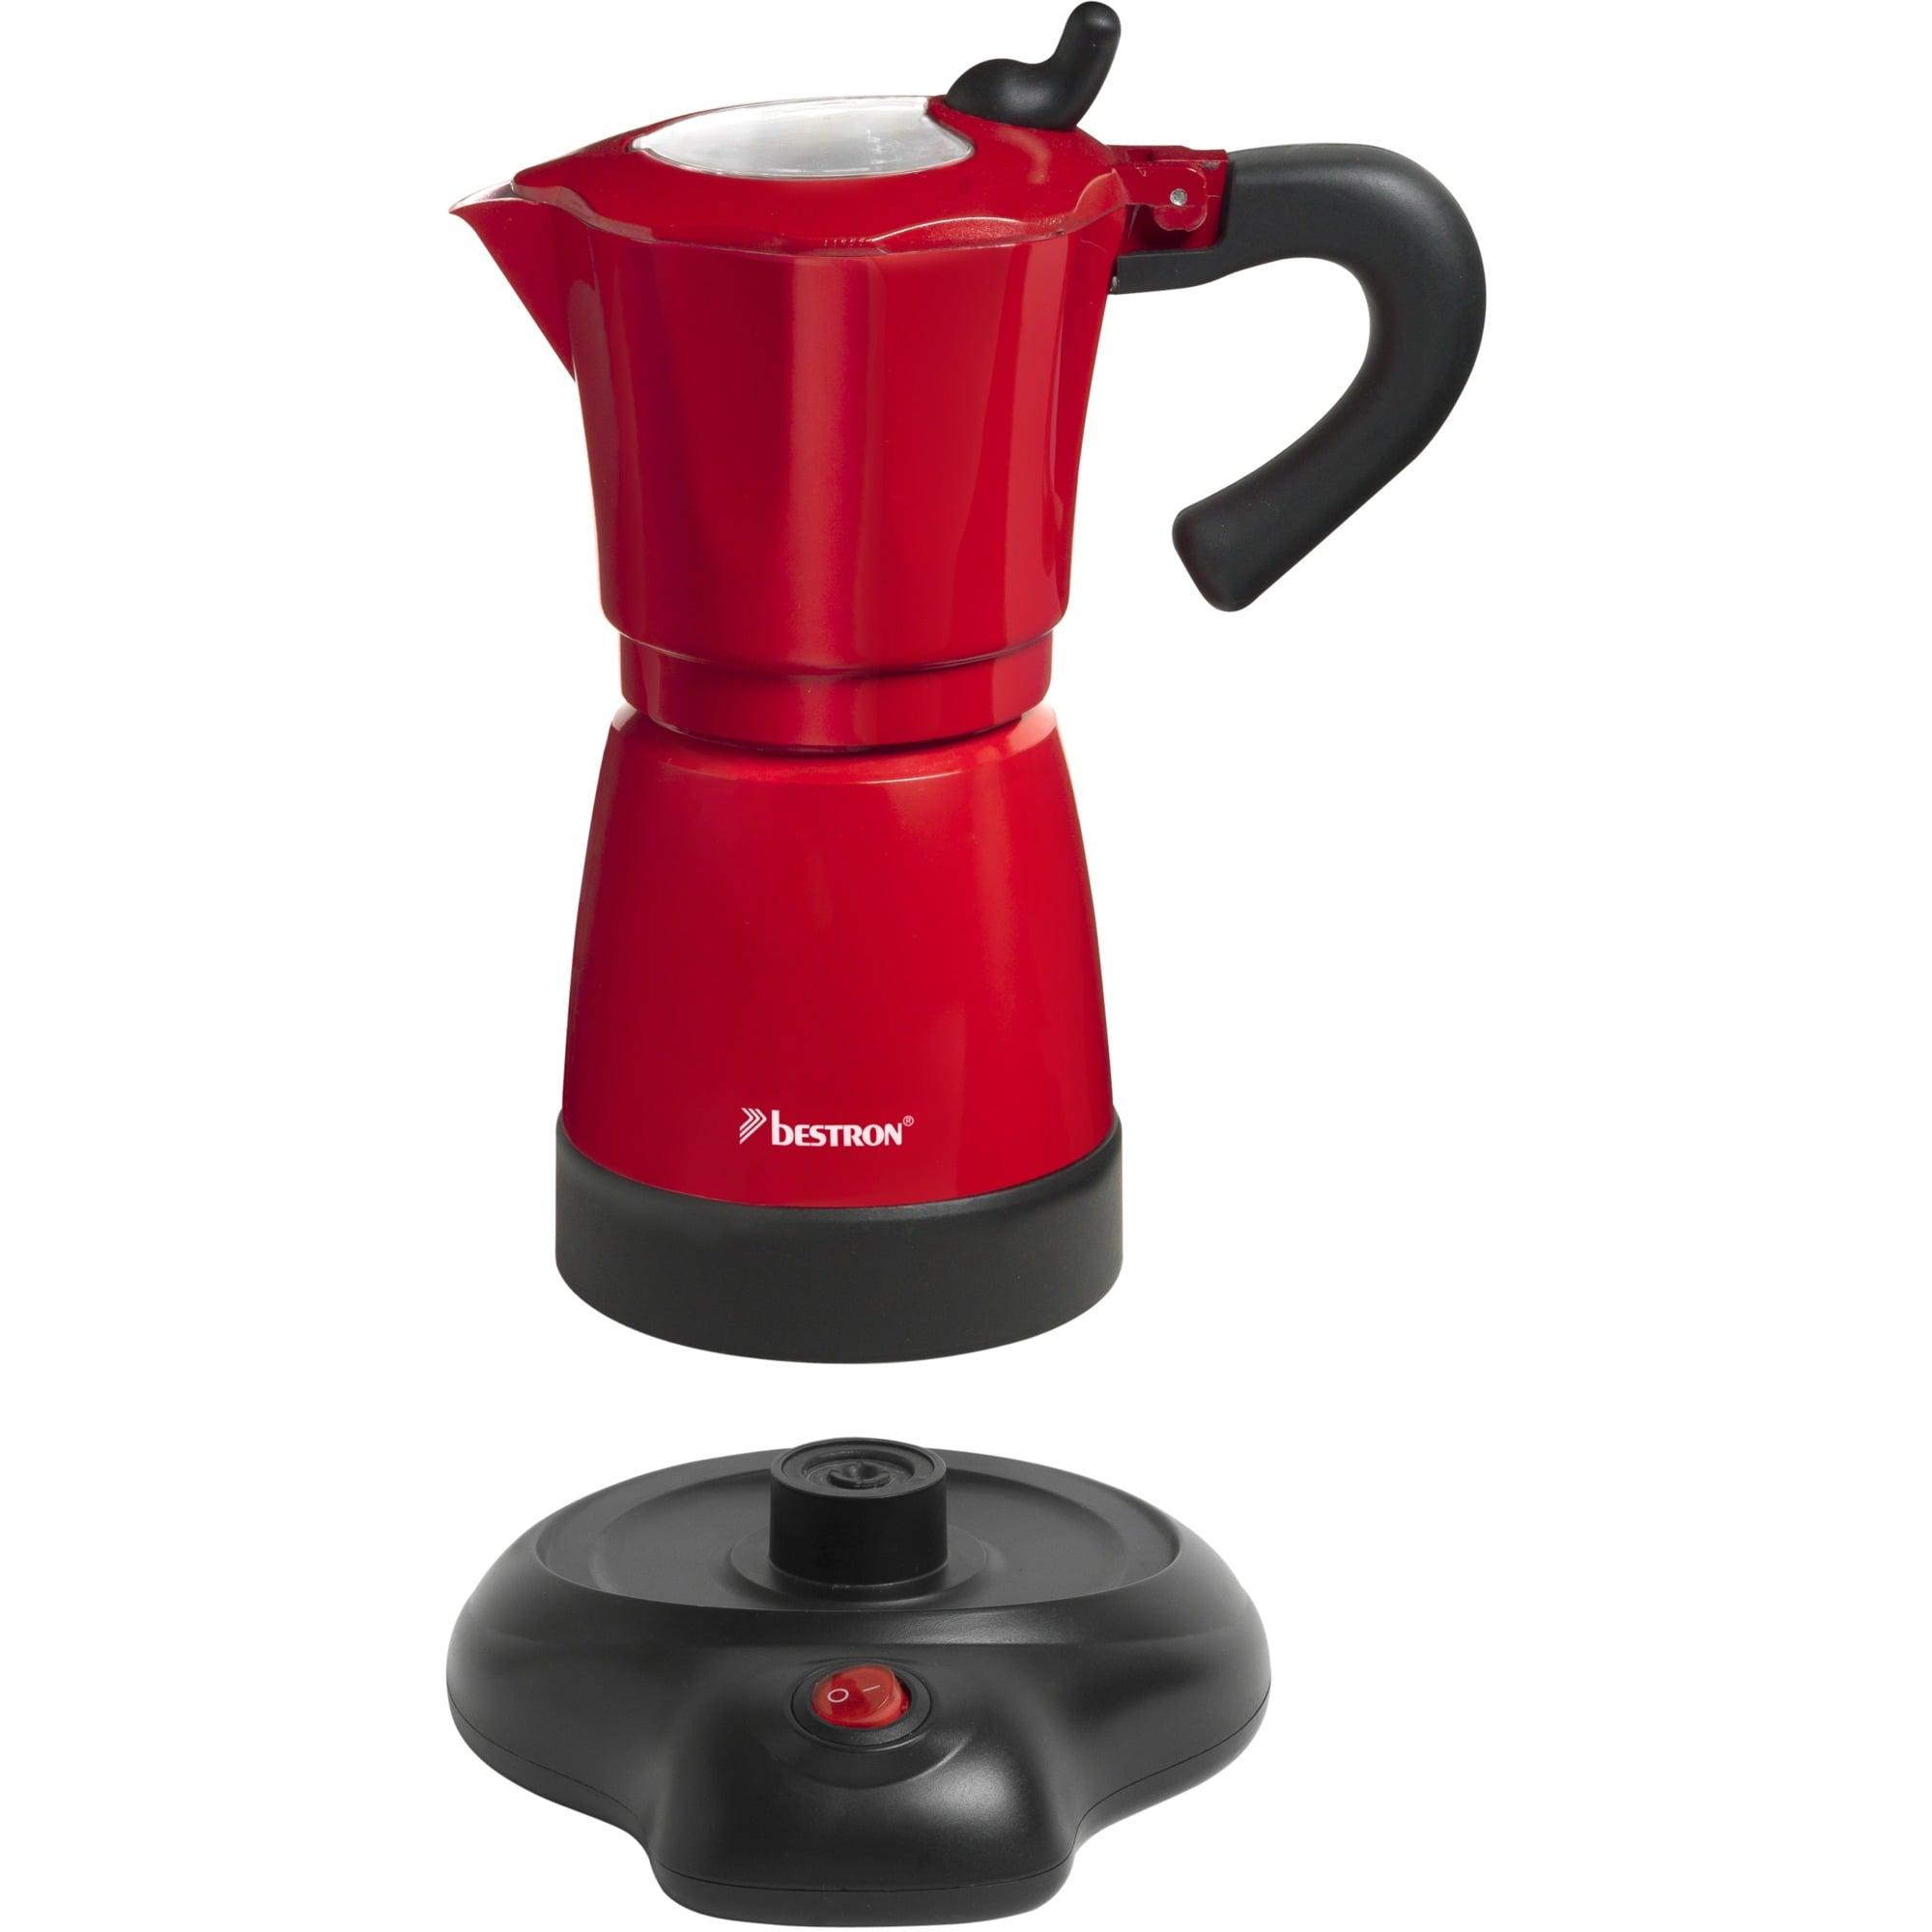 Bestron Espressomaschine AES480 Subito